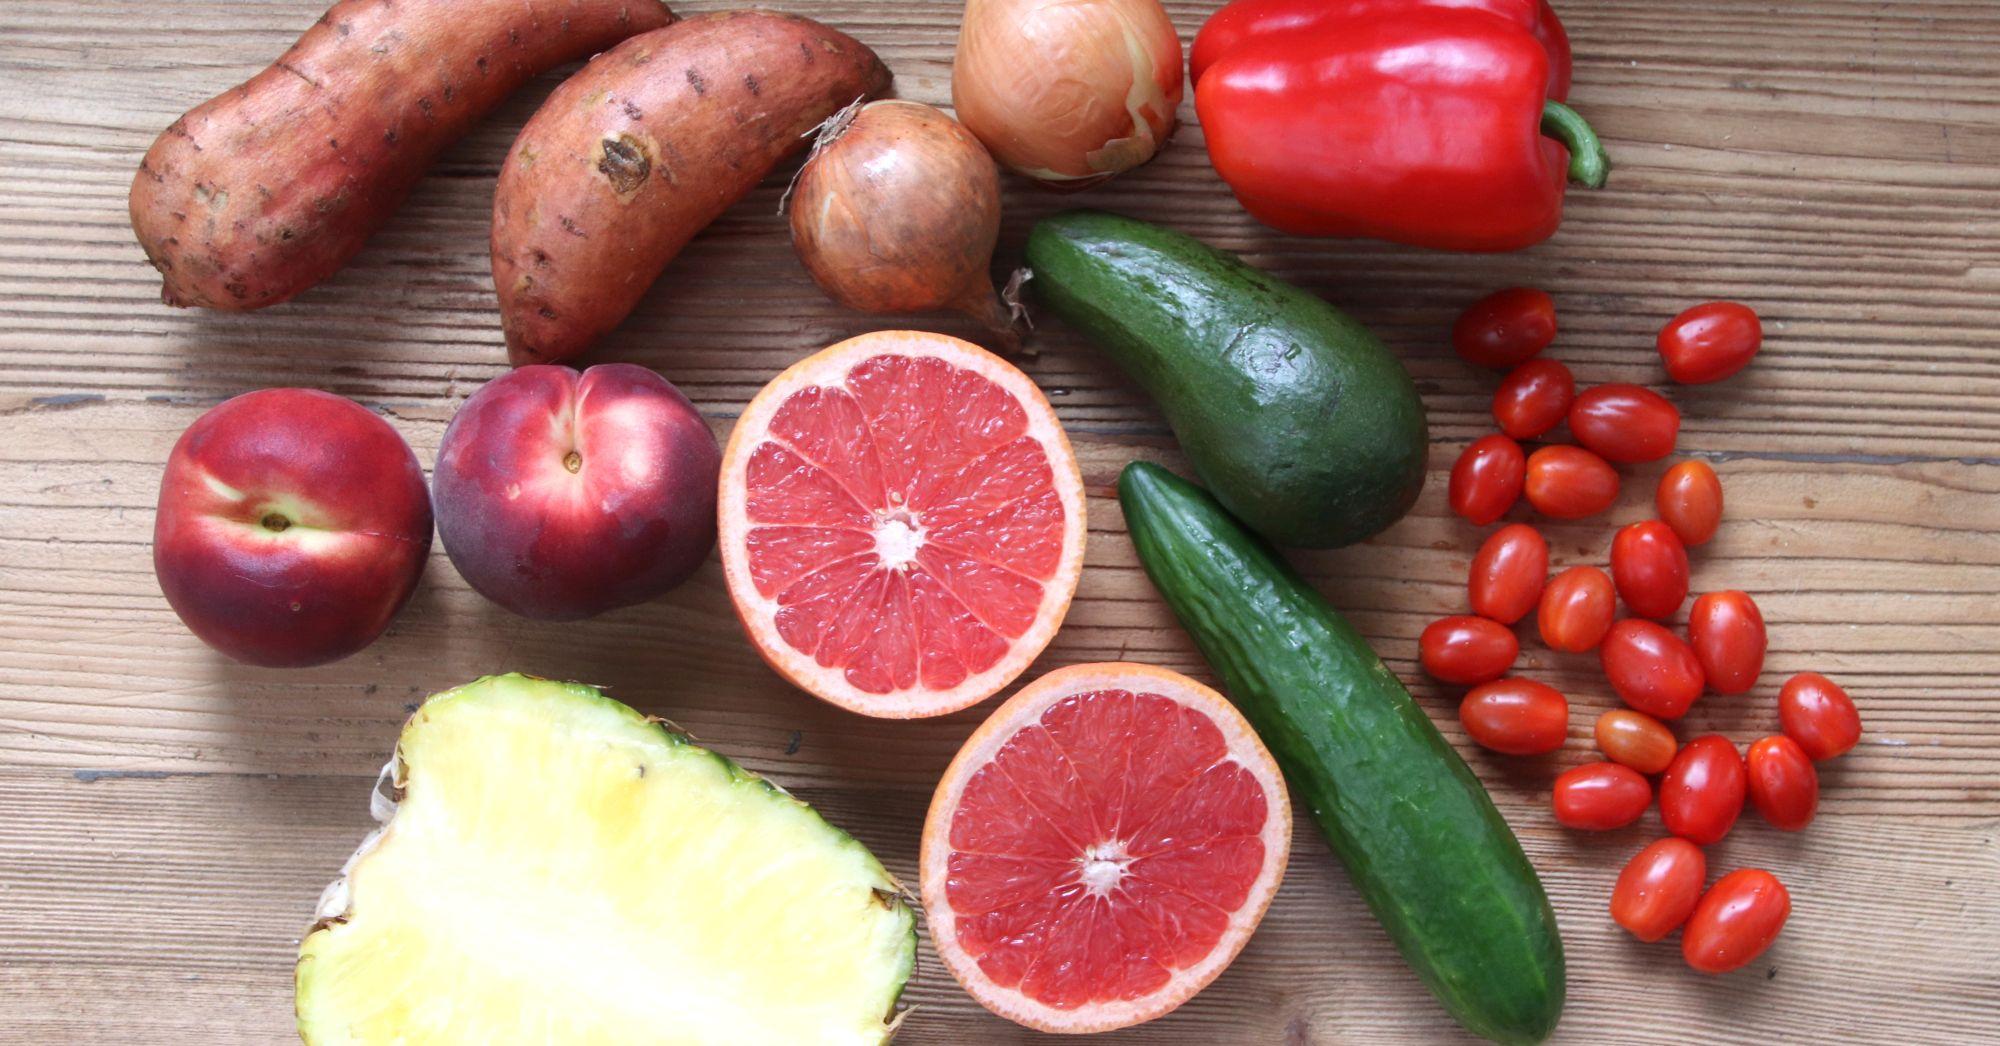 Najmniej i najbardziej skażone pestycydami owoce oraz warzywa (złota piętnastka i parszywa dwunastka)